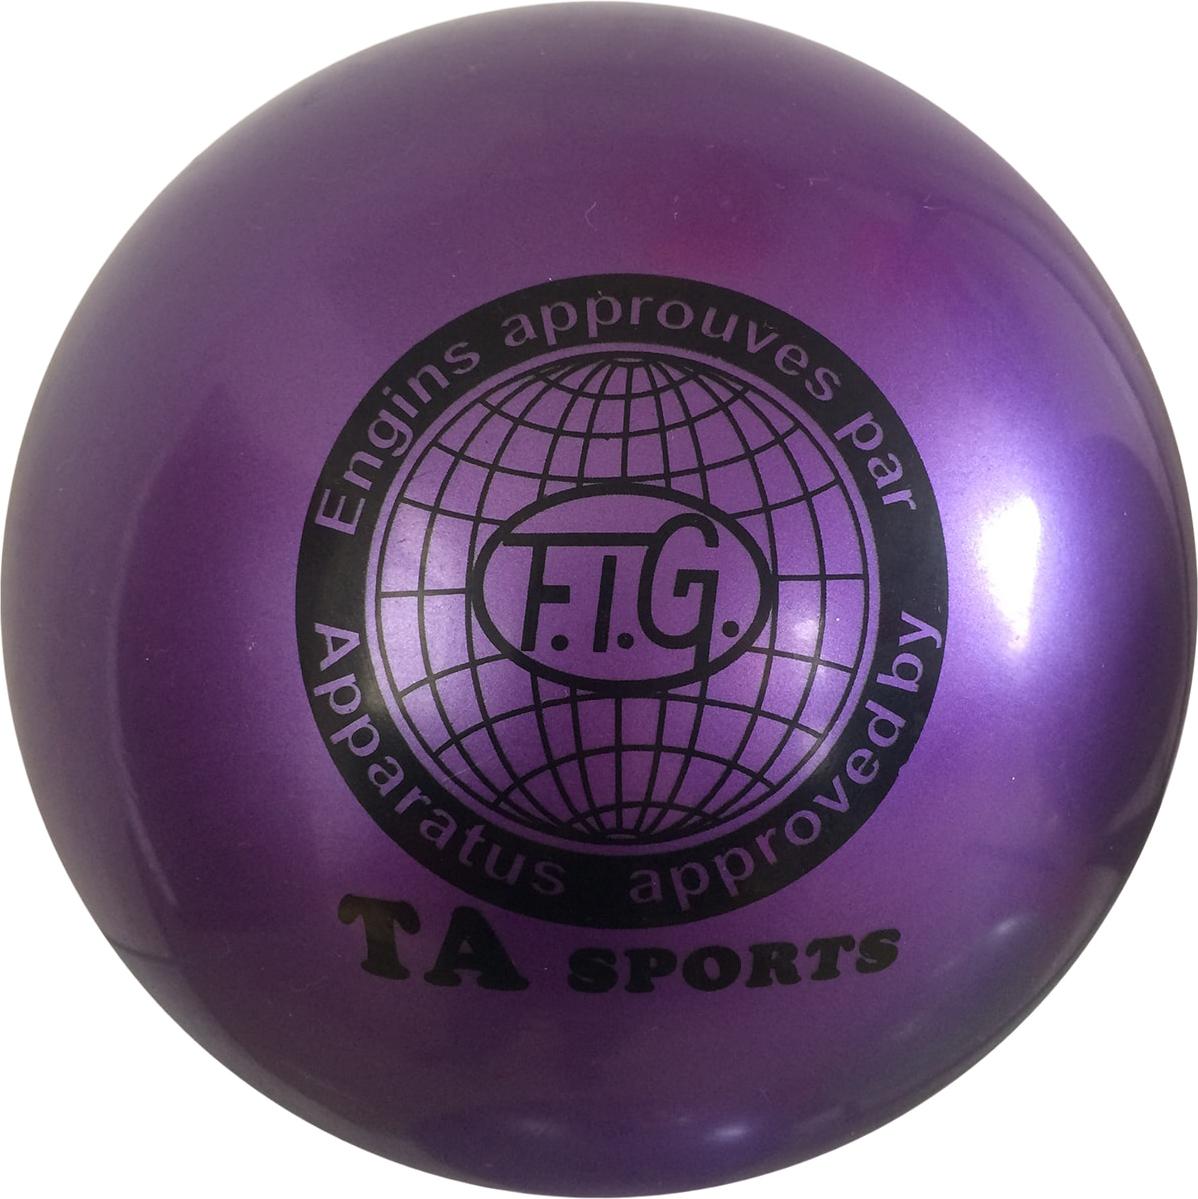 """Мяч для художественной гимнастики TA-Sport """"RGB-101"""", цвет: фиолетовый, диаметр 19 см"""